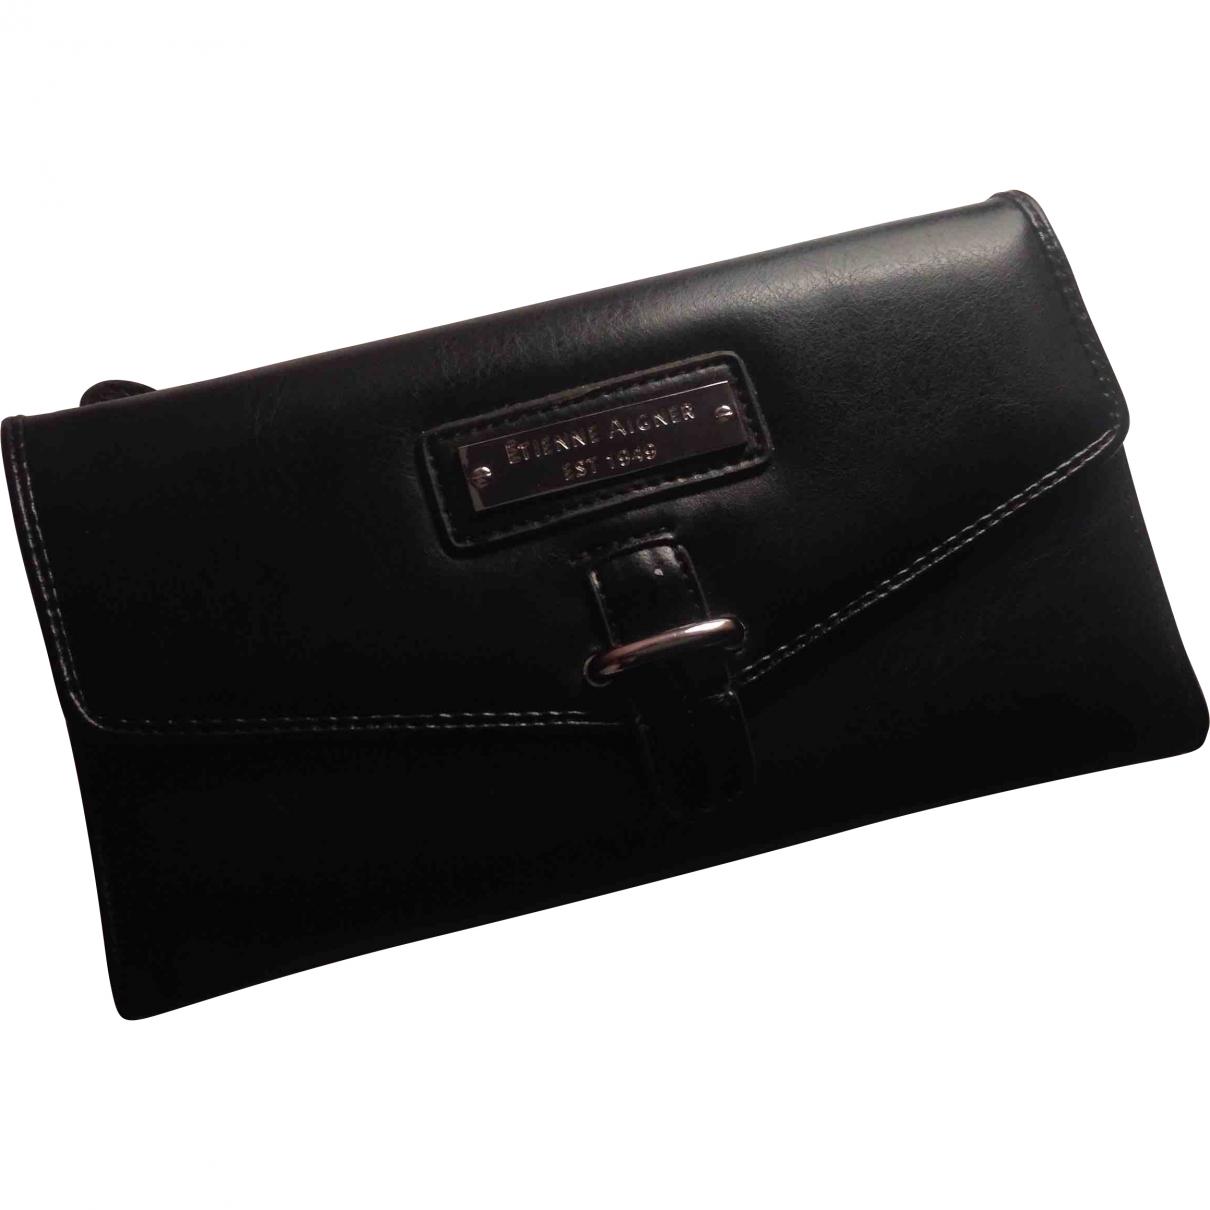 Etienne Aigner \N Black Leather wallet for Women \N